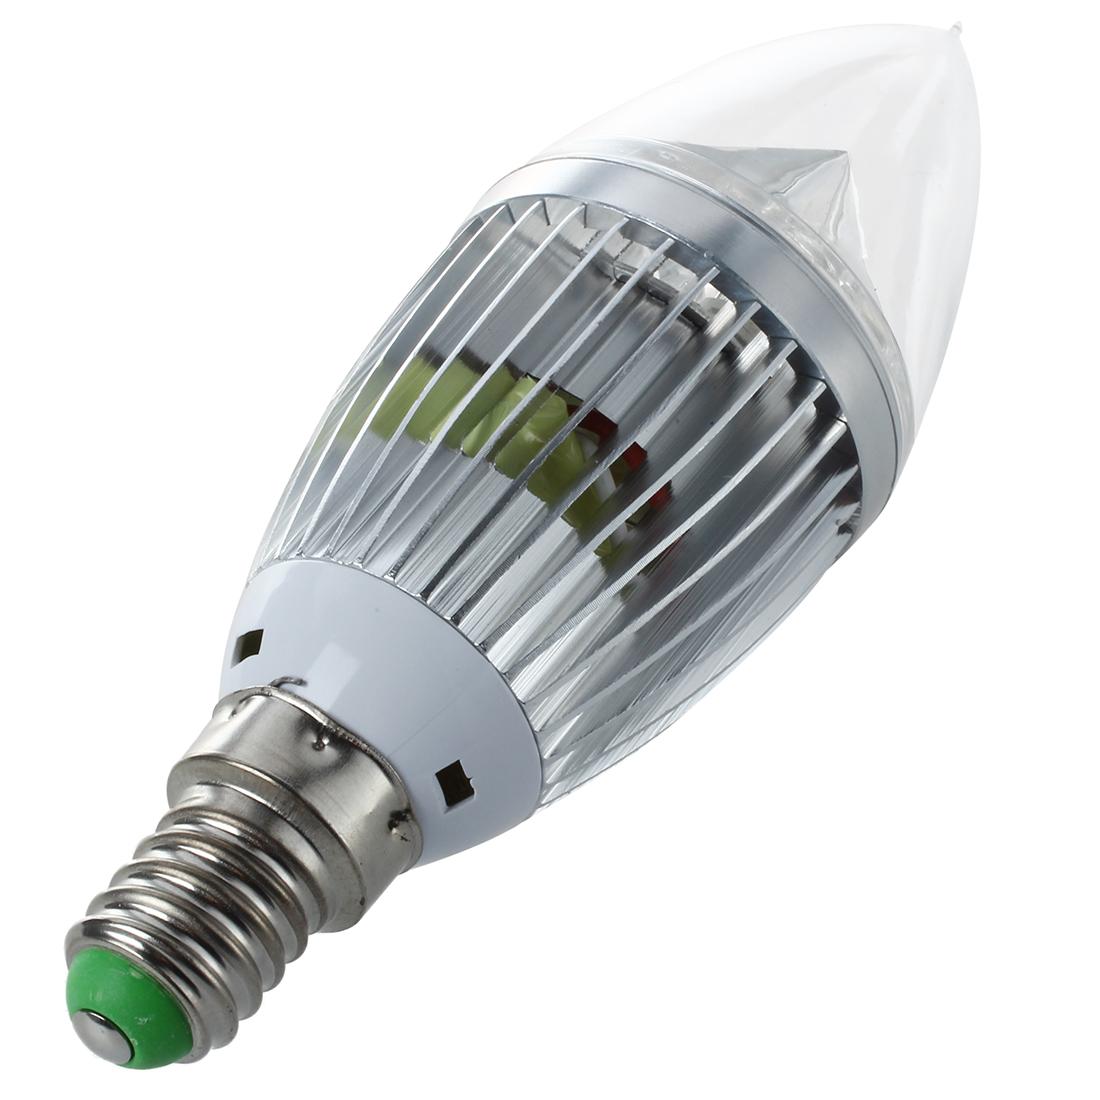 e14 4 led kerze birne energiesparlampe leuchtmittel strahler 8w 110 b2e9 w7u4 ebay. Black Bedroom Furniture Sets. Home Design Ideas